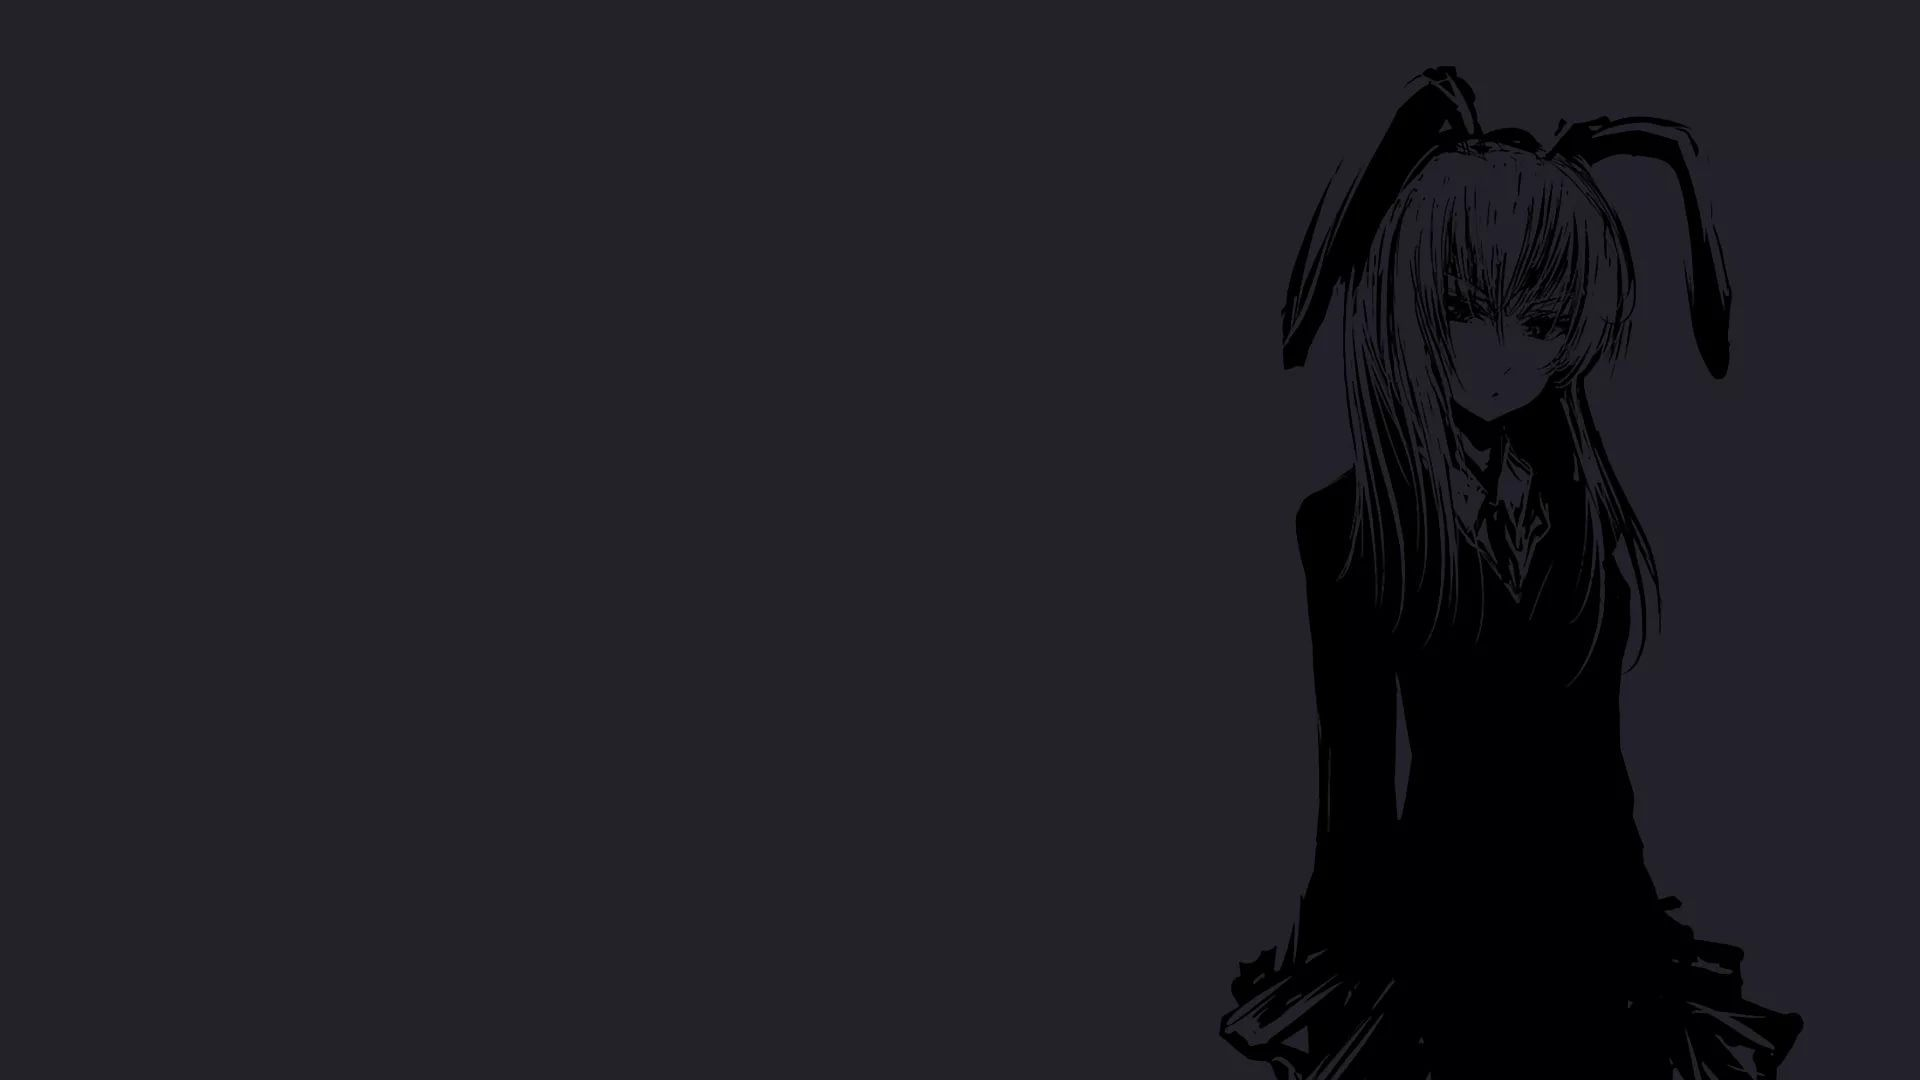 Hình nền anime đen tráng cô gái tai thỏ